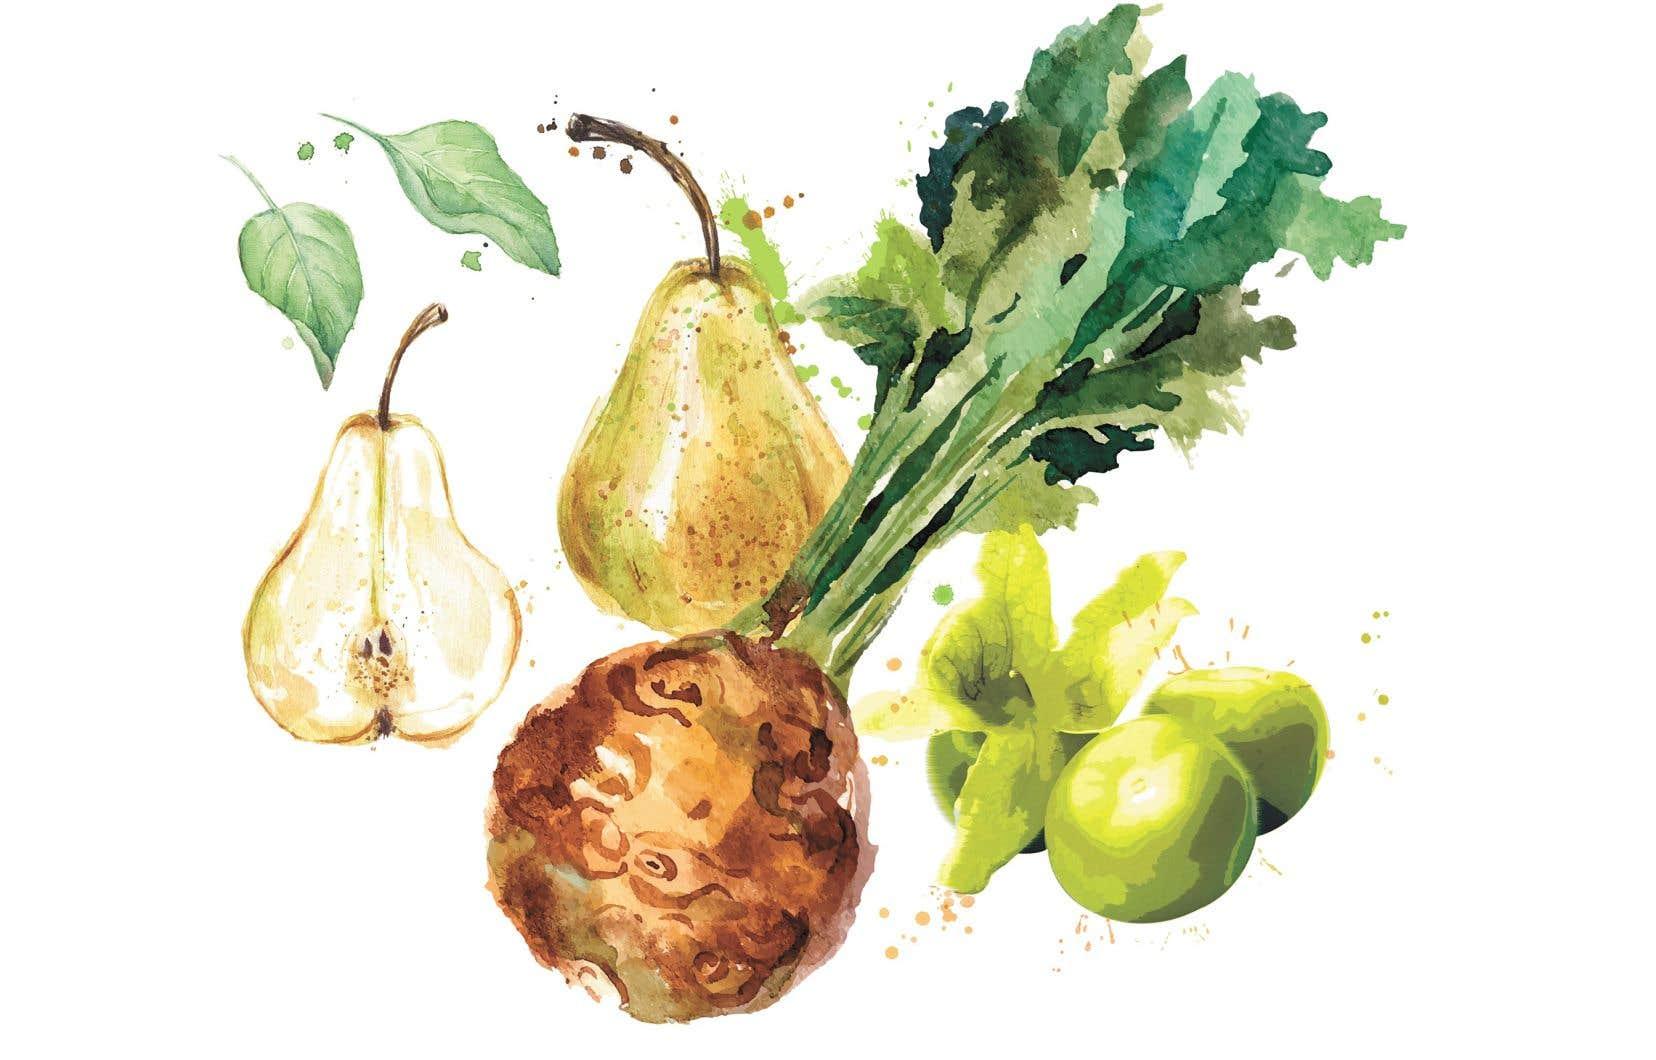 Les étals des marchés sont plus colorés que jamais par les aliments frais d'ici.